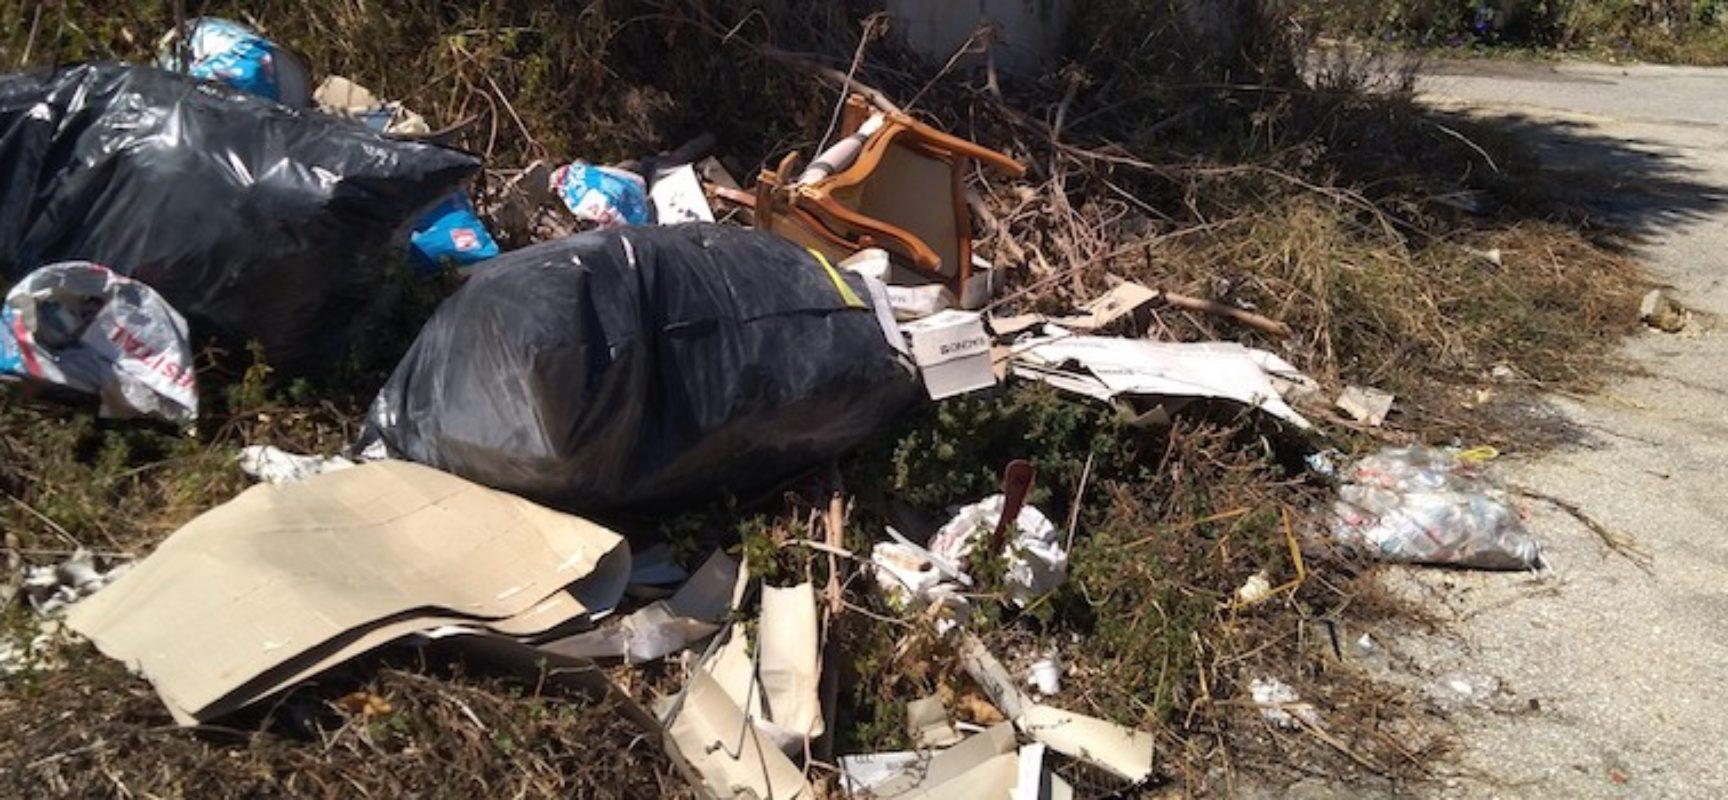 Gruppo Ripalta Area Protetta pubblica imponente documentazione per mappare abbandono rifiuti